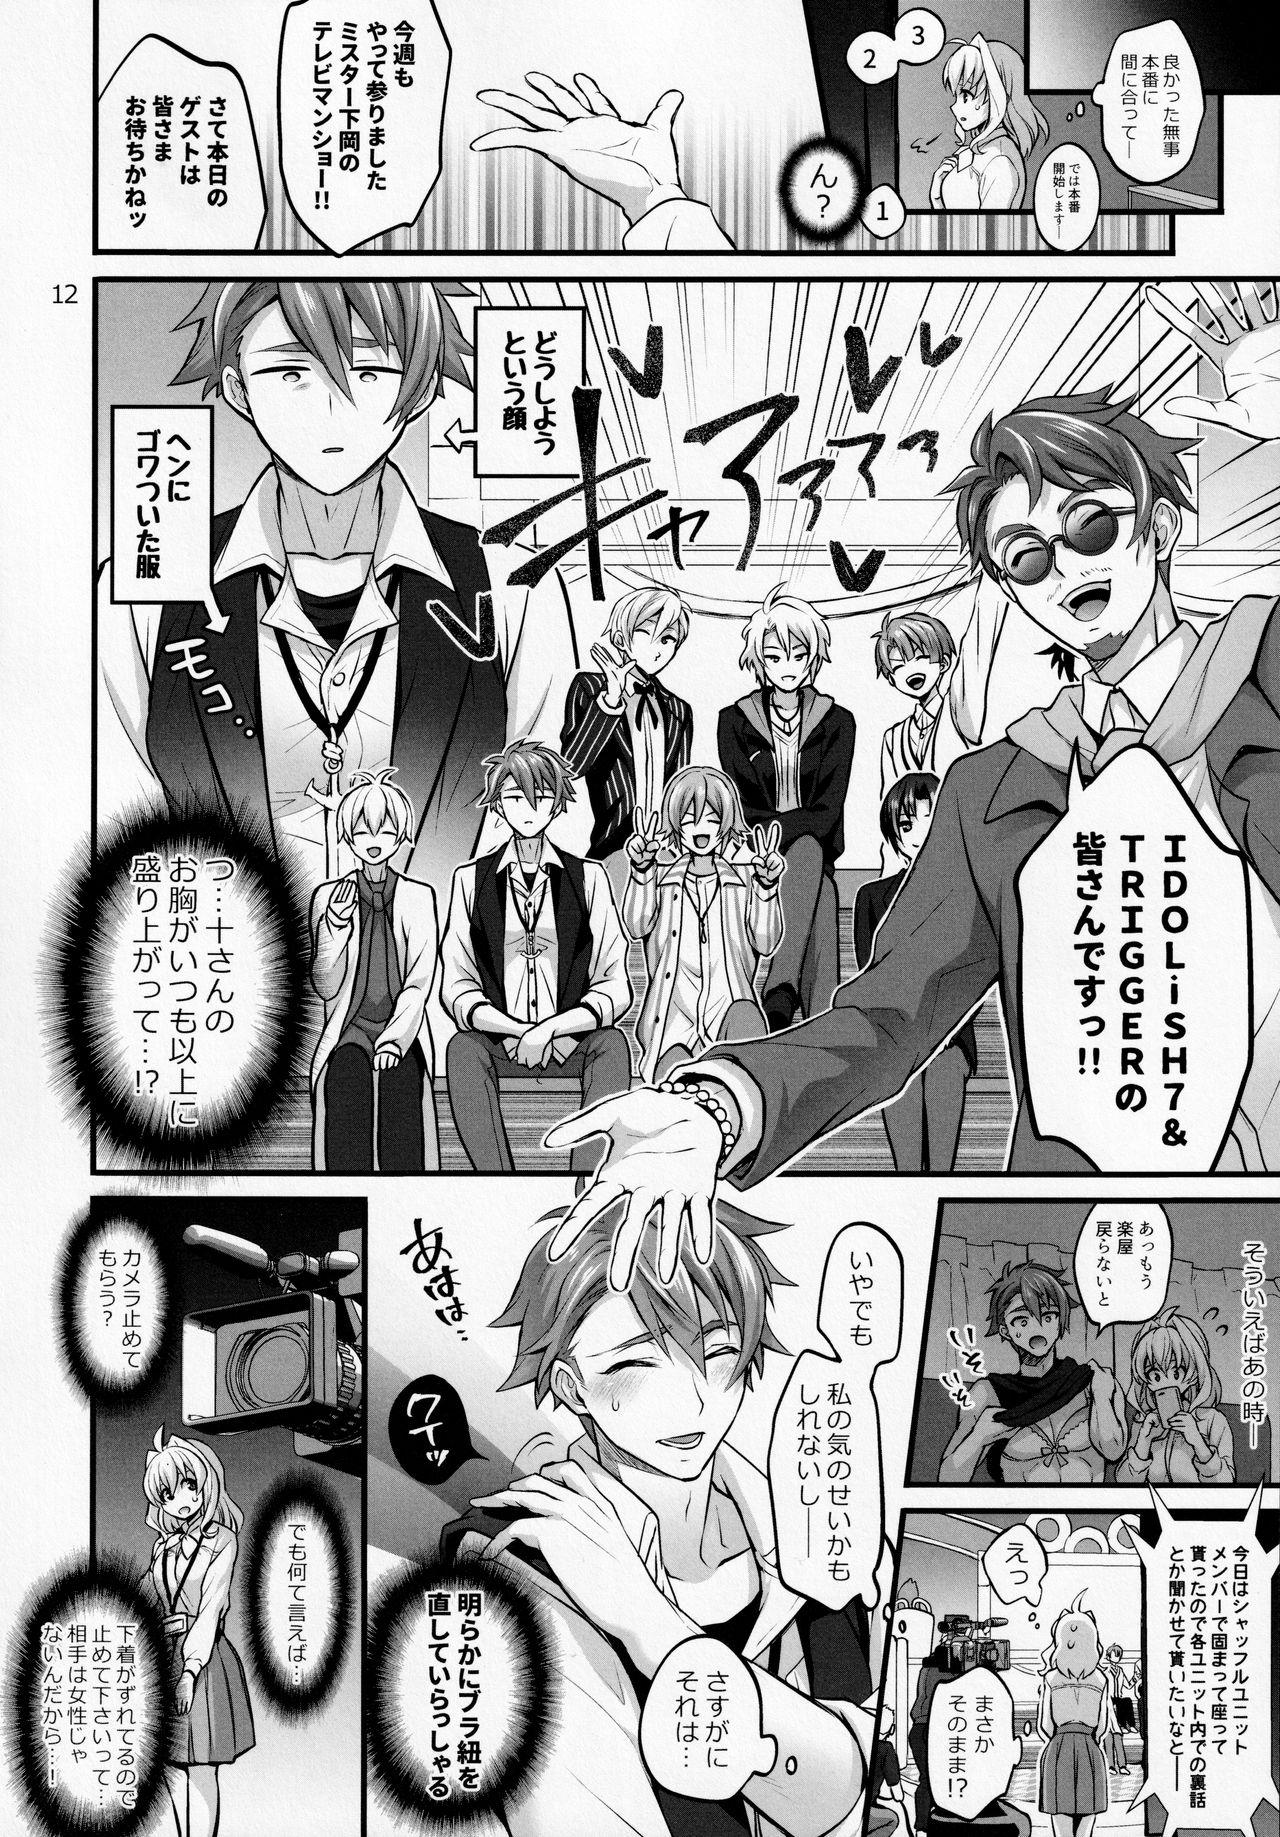 Futanari ni Natte Shimatta Taji Musho Manager no Watashi ga Eroerobiisuto de Wadai no Idol Tsunashi Ryu○suke-san to Himitsu no Shitagi Toreido 10